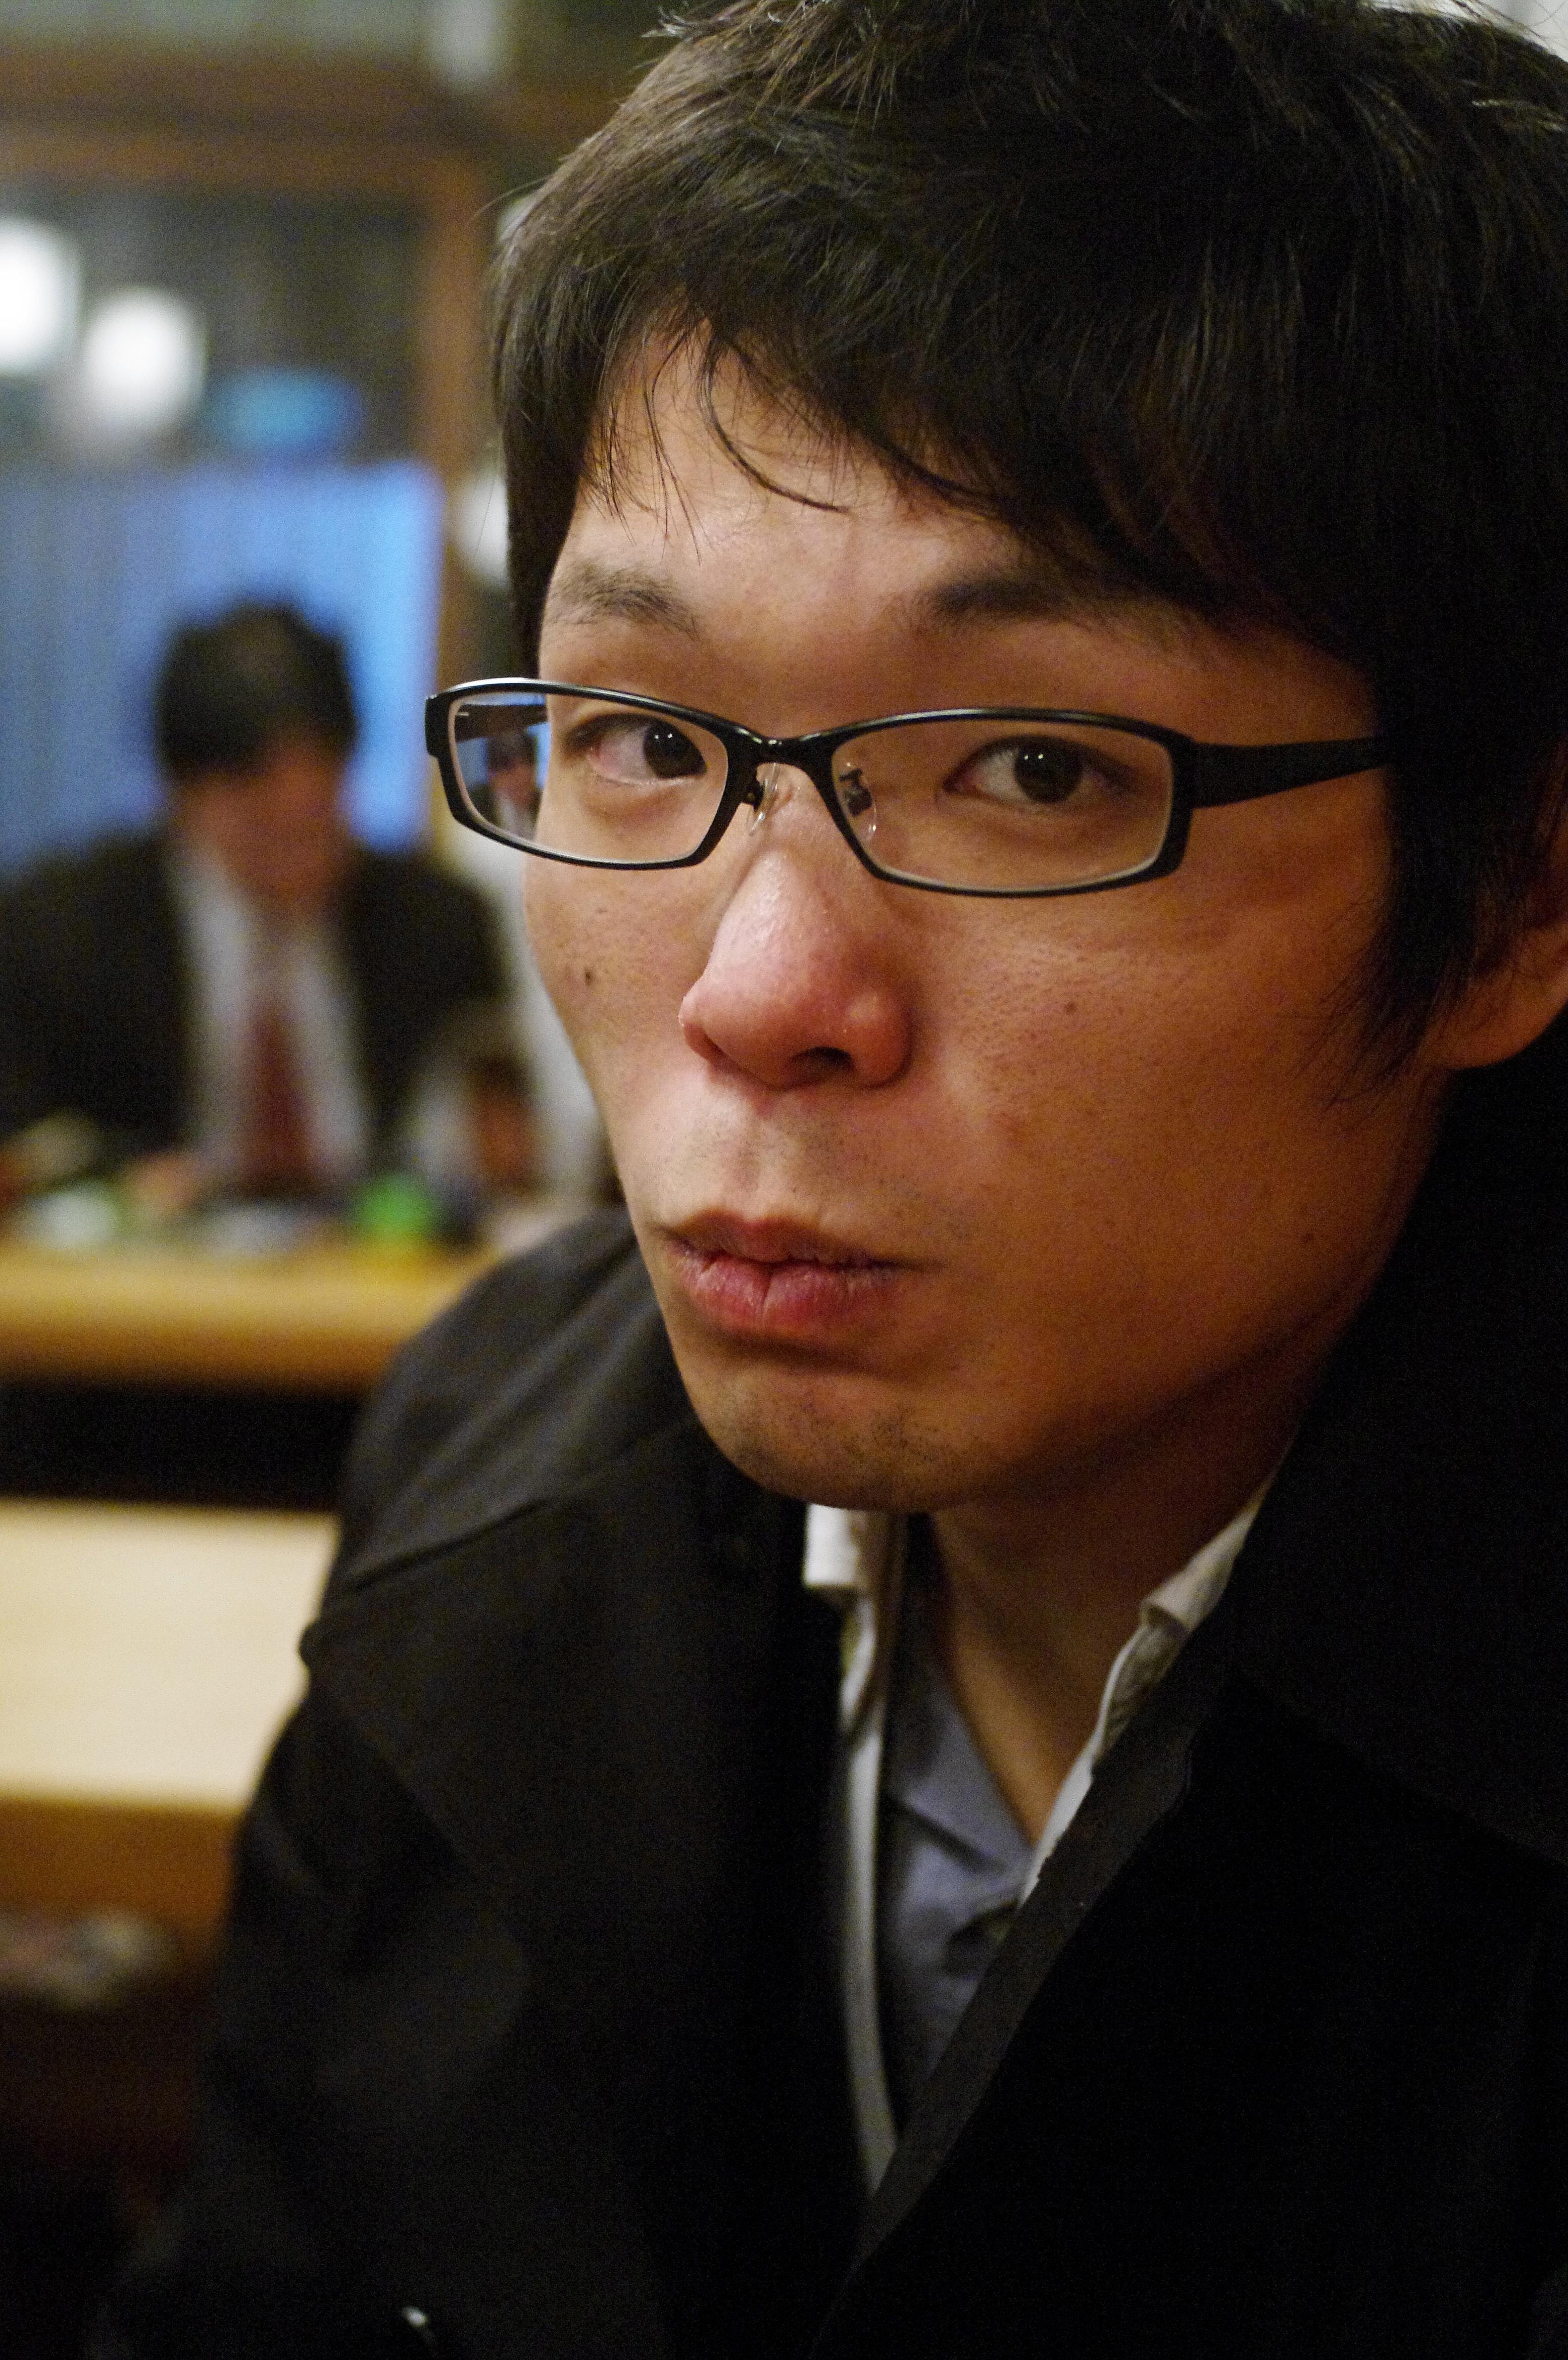 銀座にてtatsdesignさん